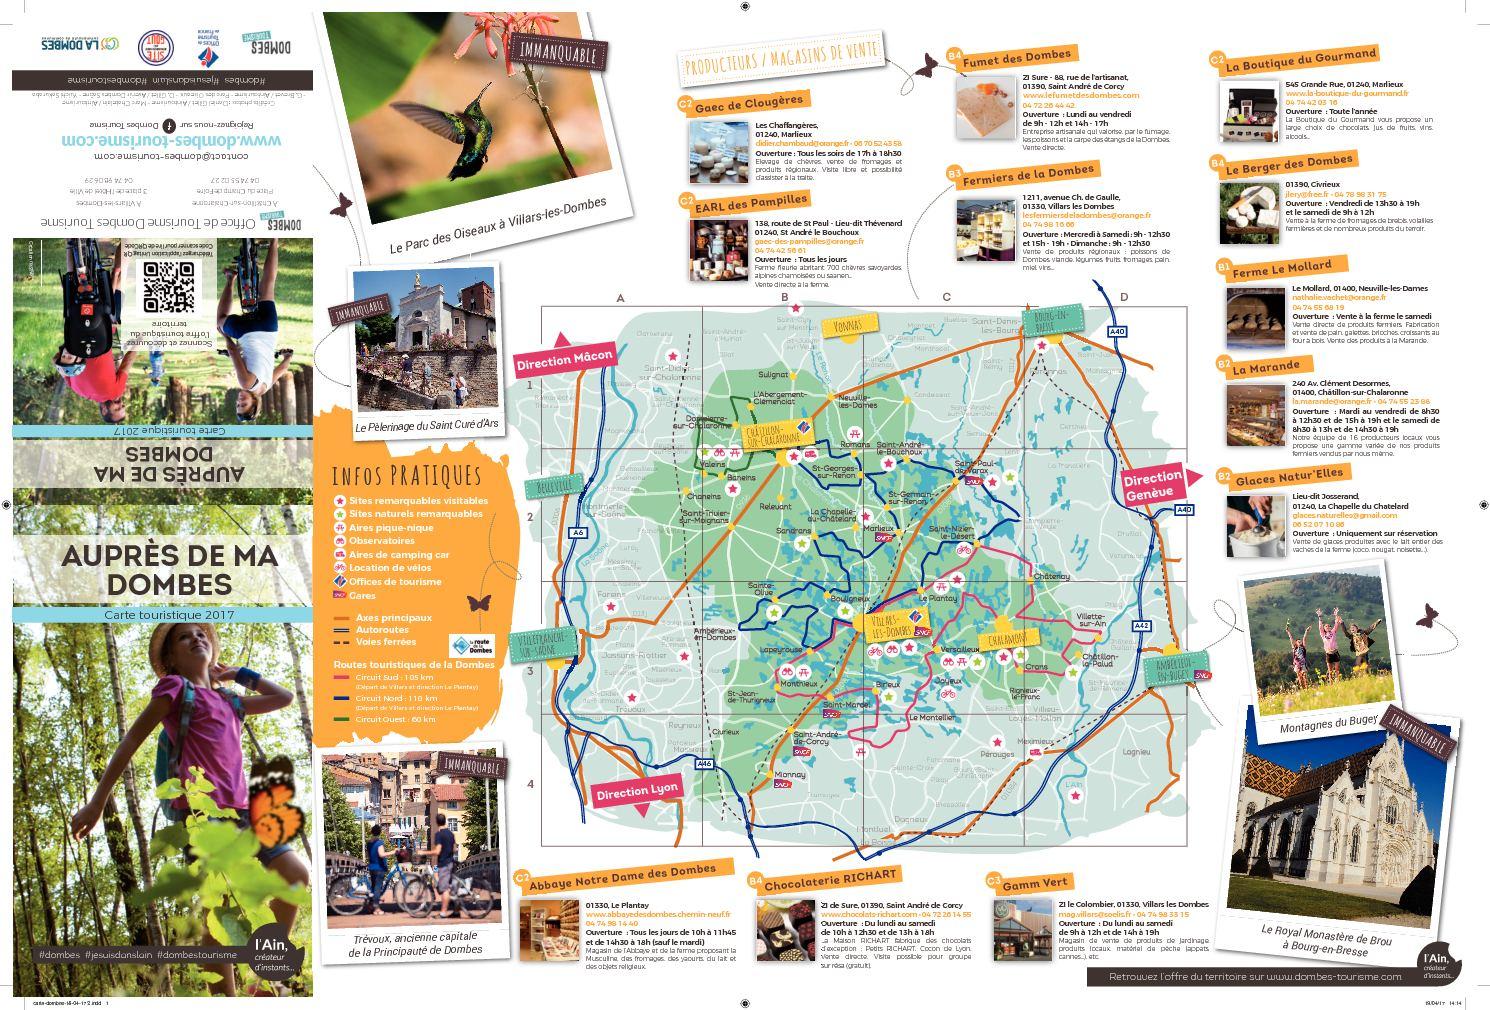 Calam o carte touristique 2017 - Office du tourisme villars les dombes ...